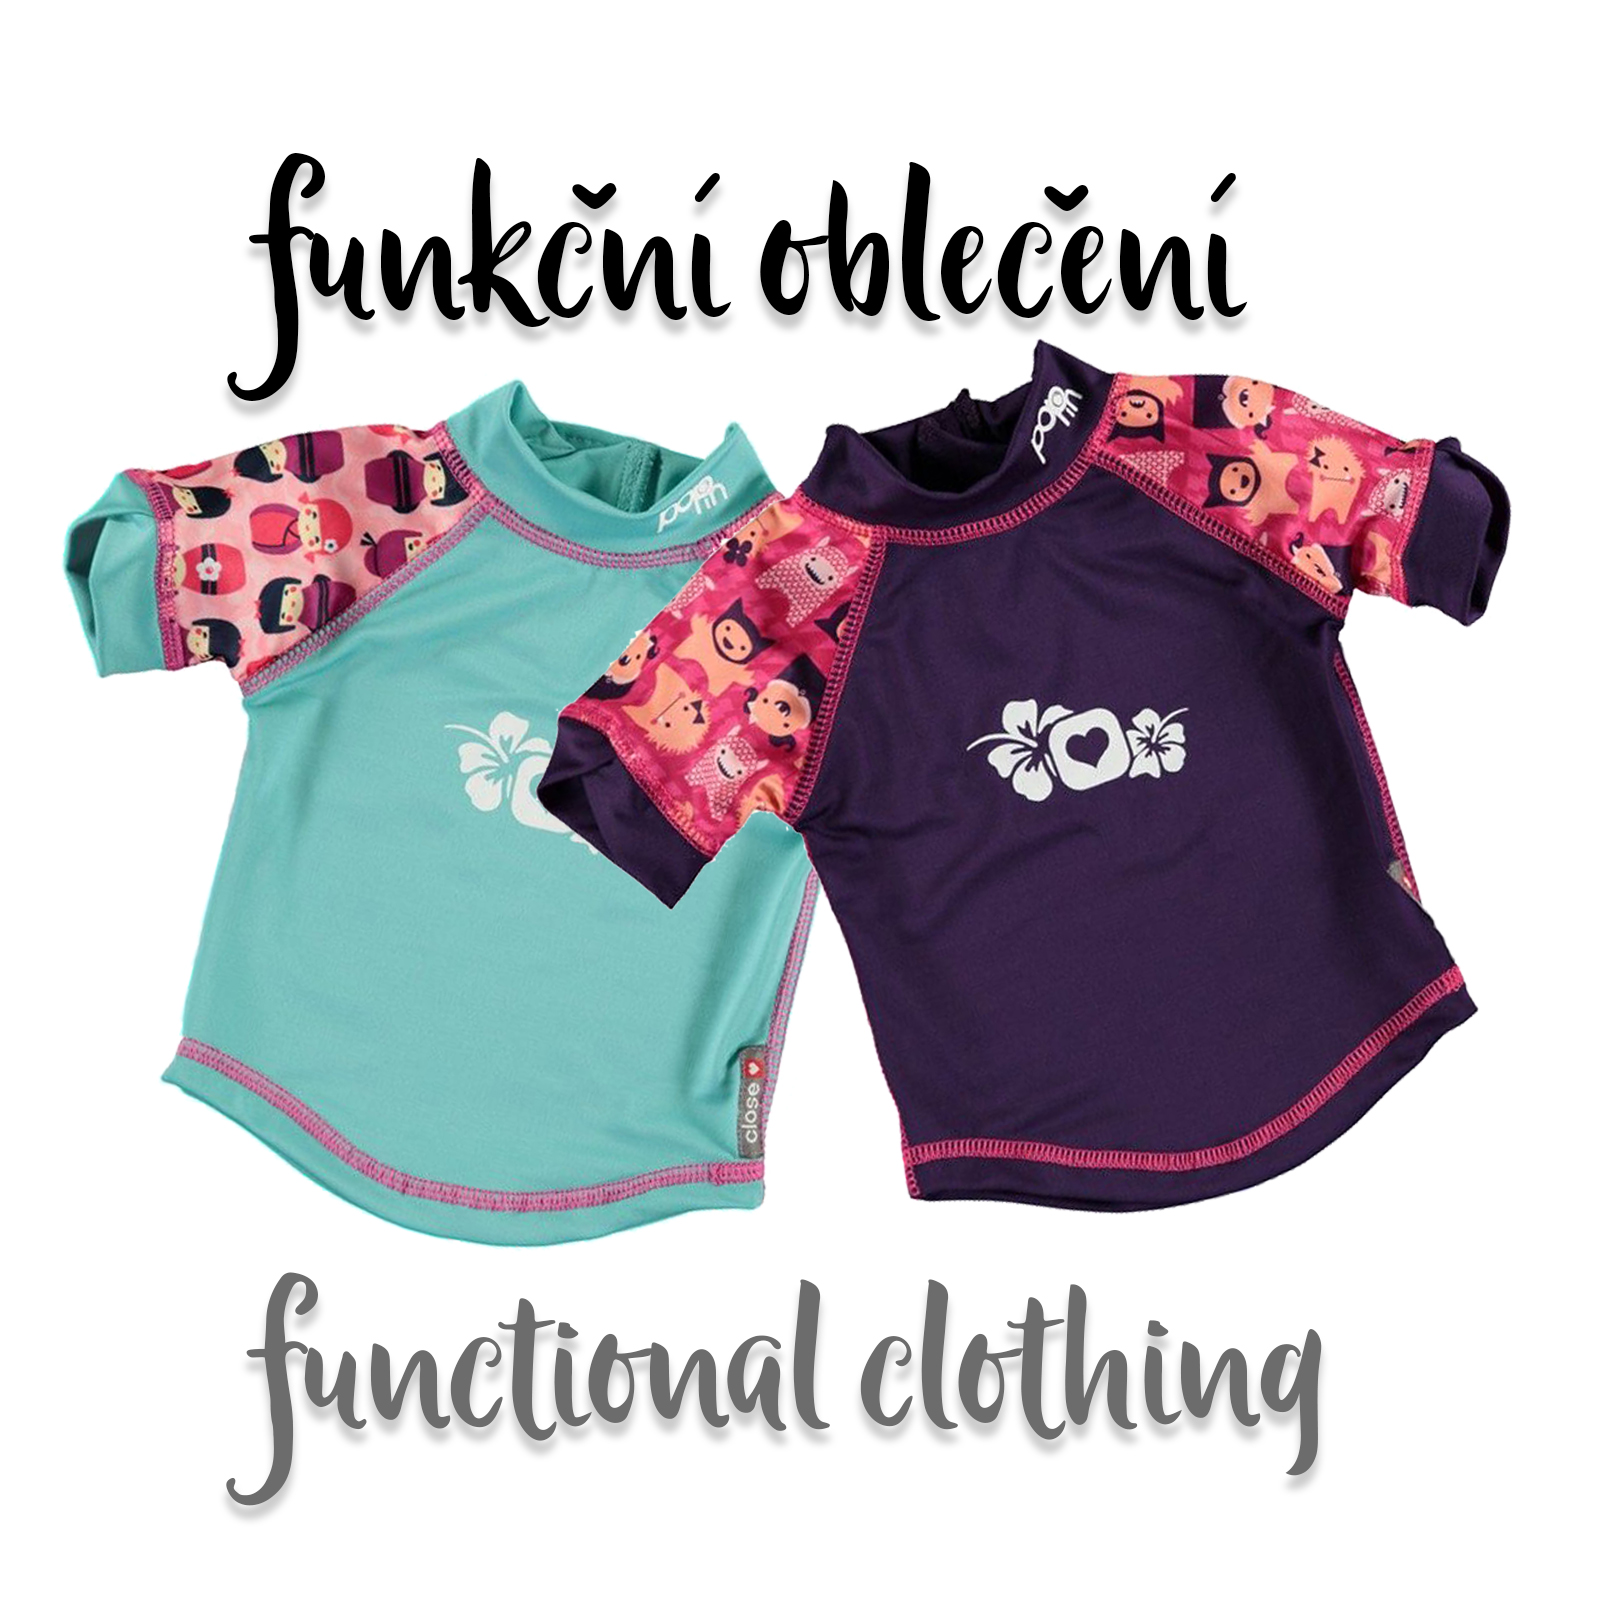 Funkční oblečení (functional clothes)